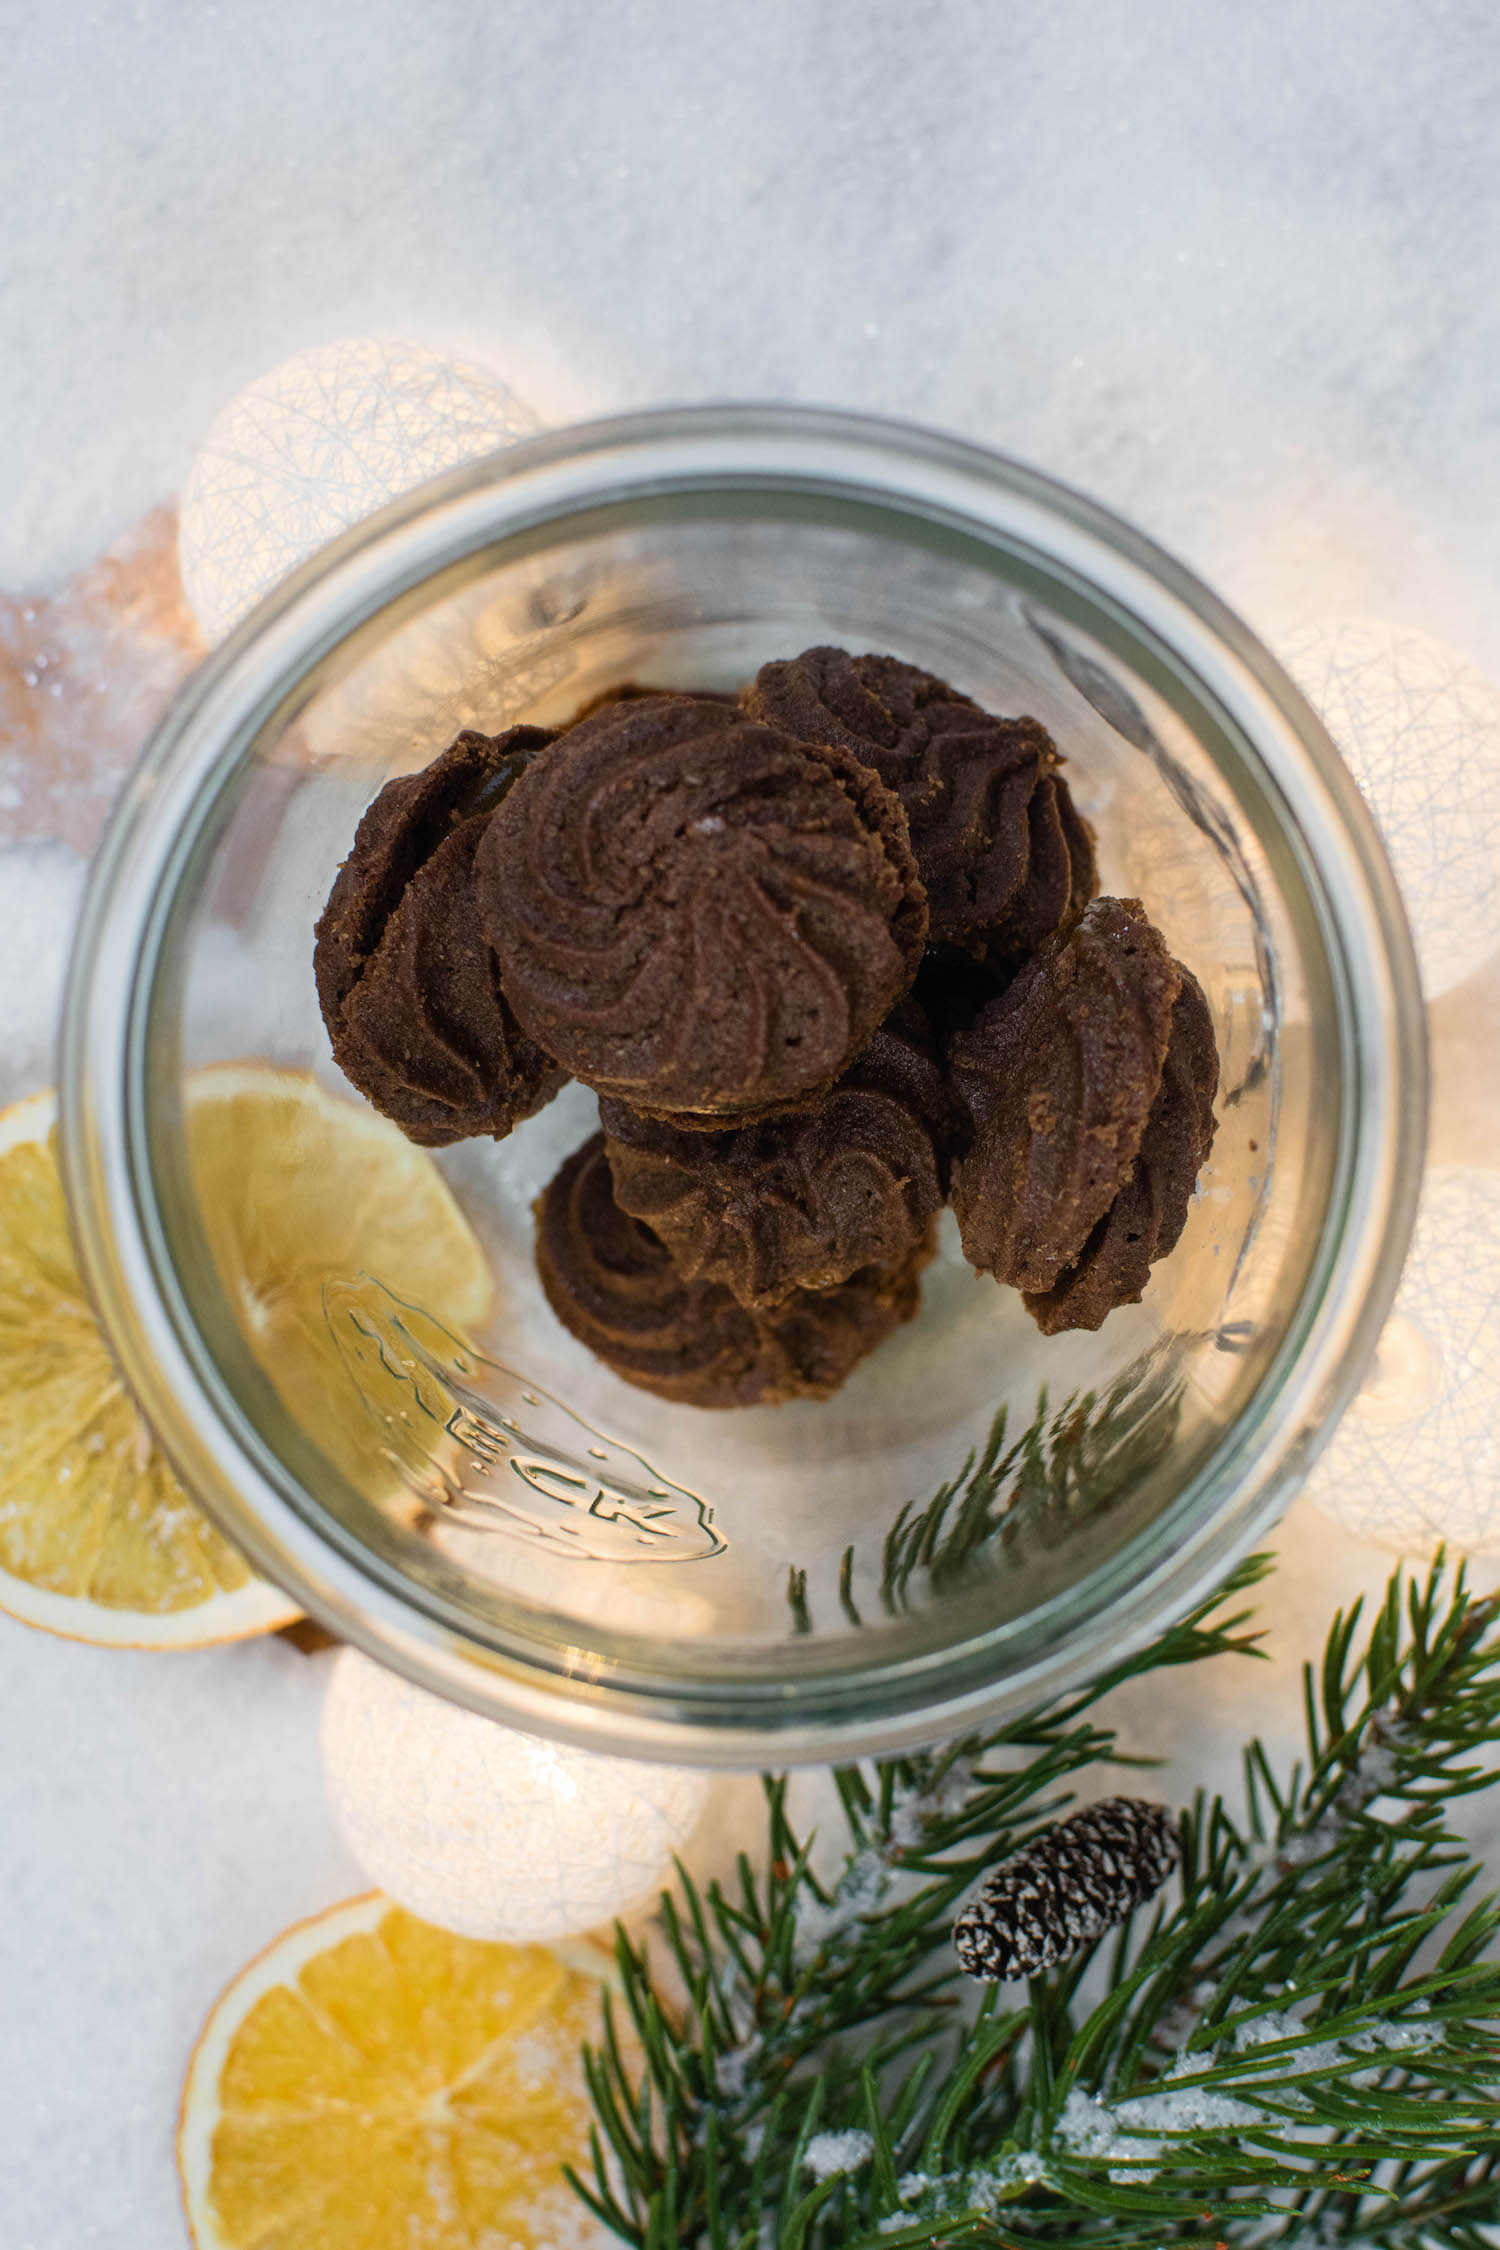 Weihnachtslieder Bäckerei.Frohe Weihnachten Bäckerei Gradwohl